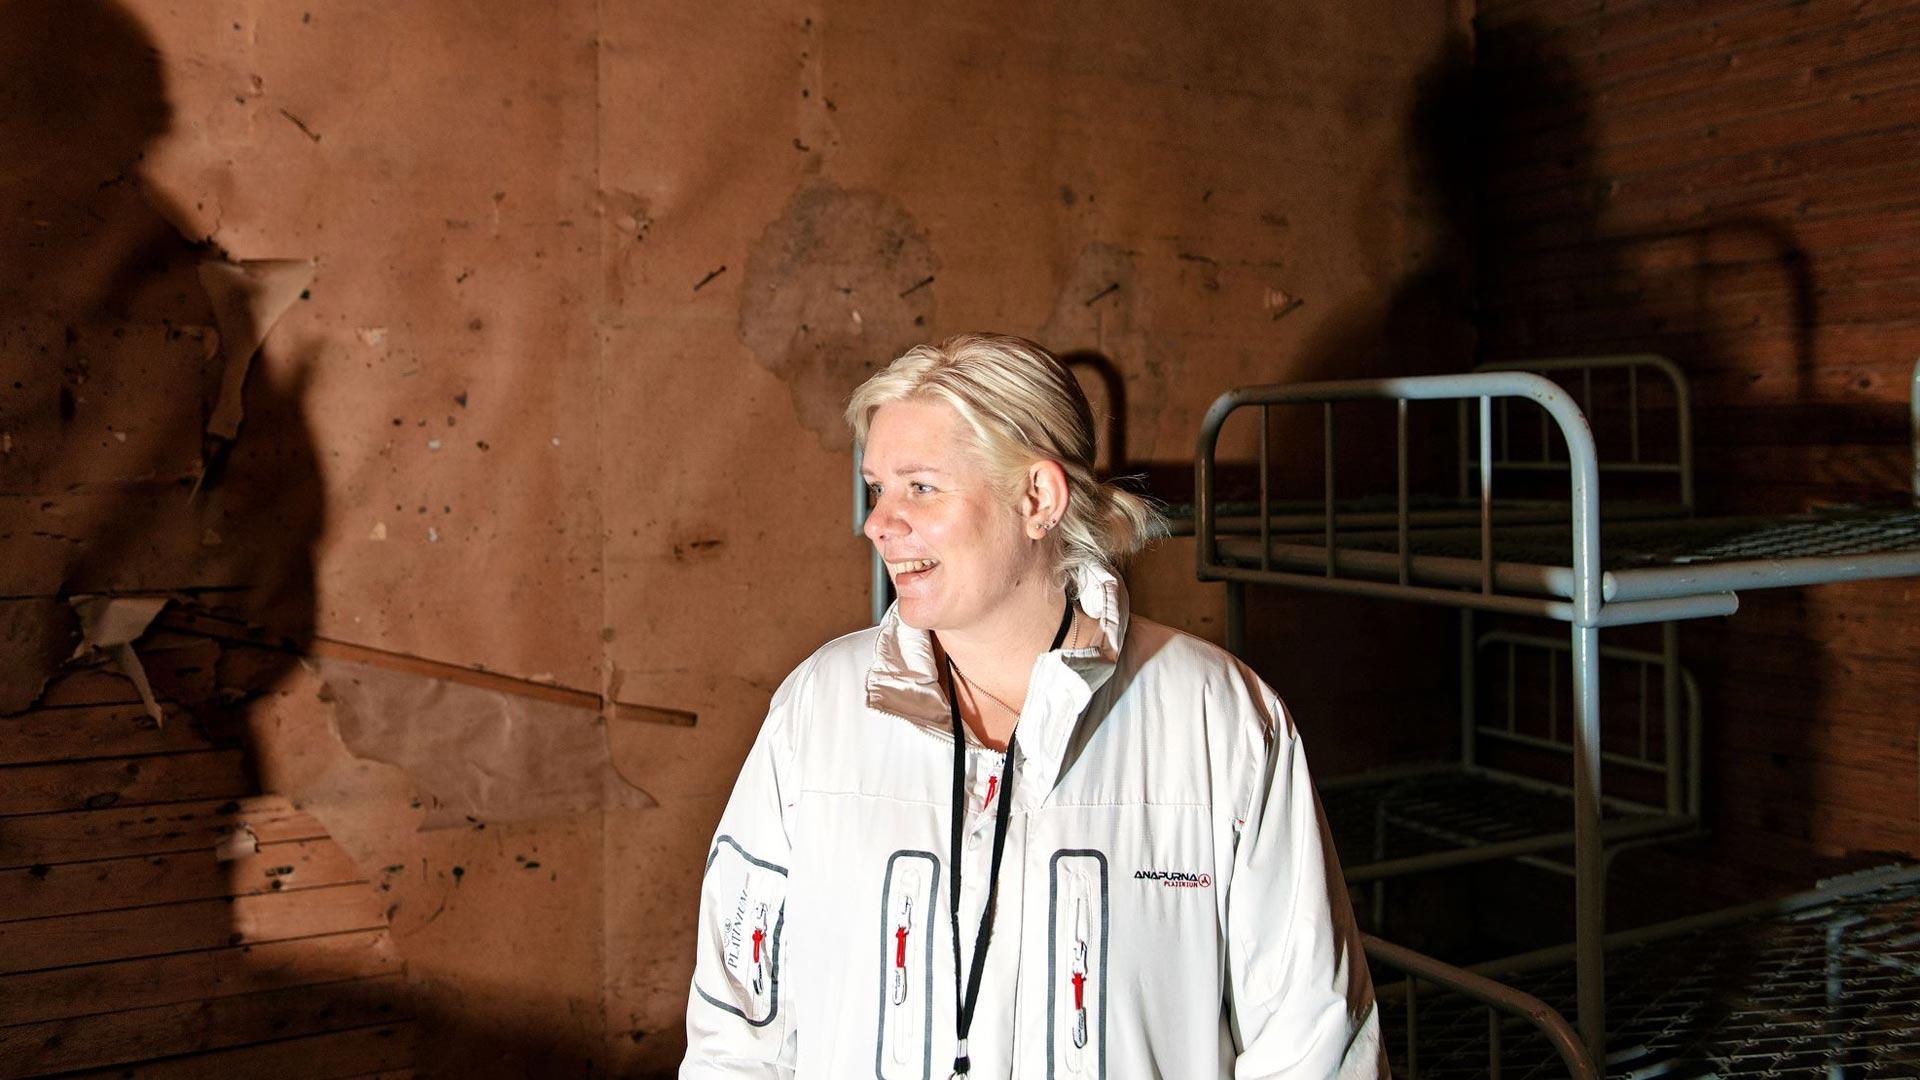 Nina Mellqvist saattaa poiketa jopa yöllä aistimaan Rankin, vuonna 1916 rakennetun vanhan kasarmin salaperäistä tunnelmaa.